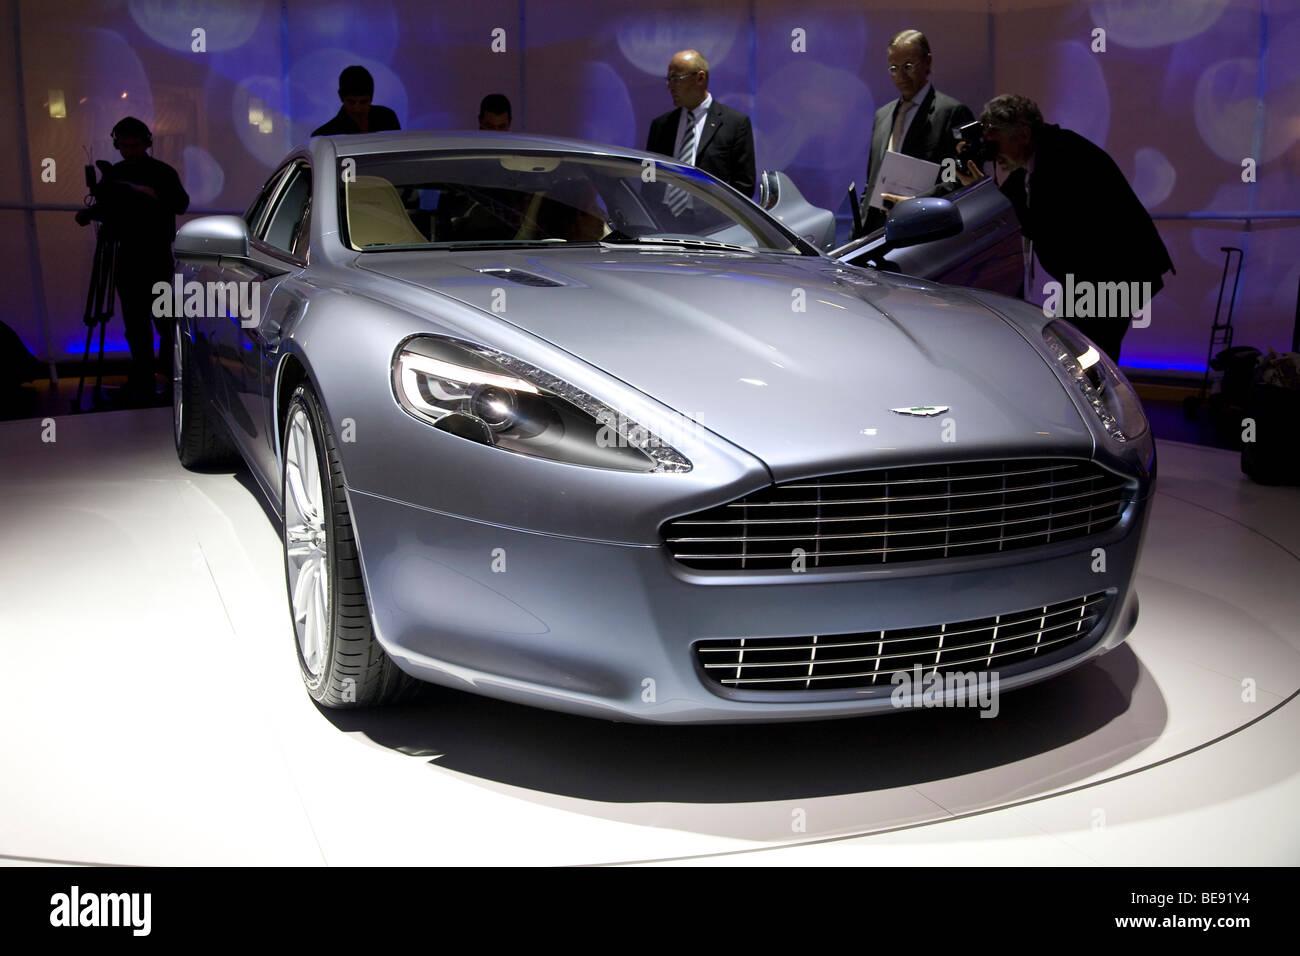 Aston Martin Rapide at a European motor show - Stock Image